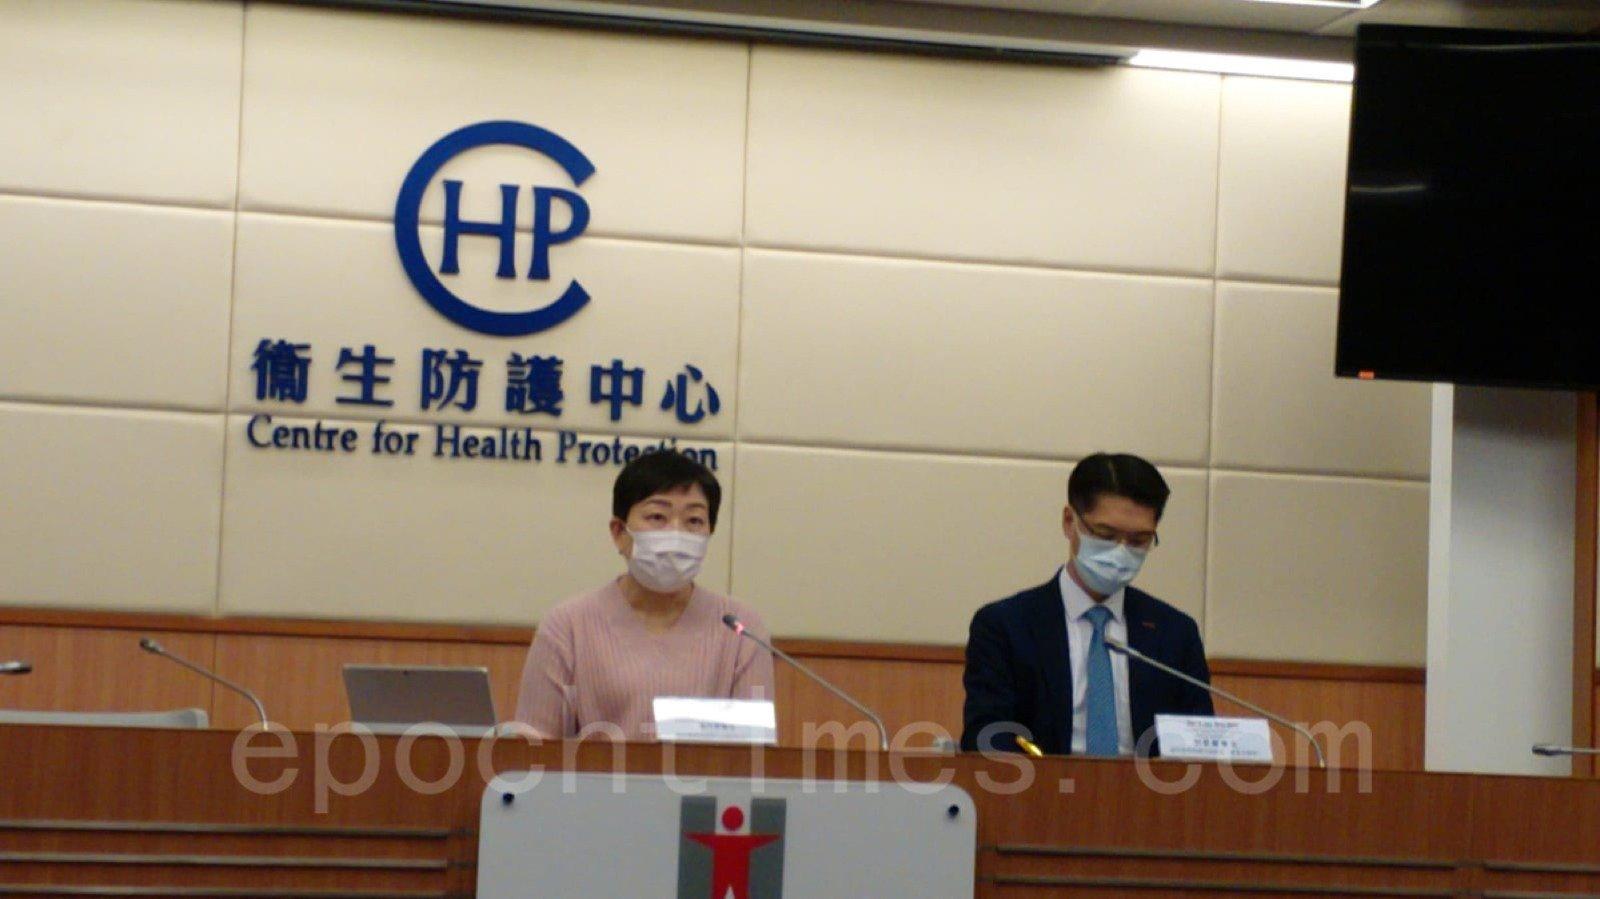 截至今日(12月1日)凌晨,香港錄得新增82宗確診個案,其中23宗源頭未明,累計6,397人確診。( Betty/大紀元)